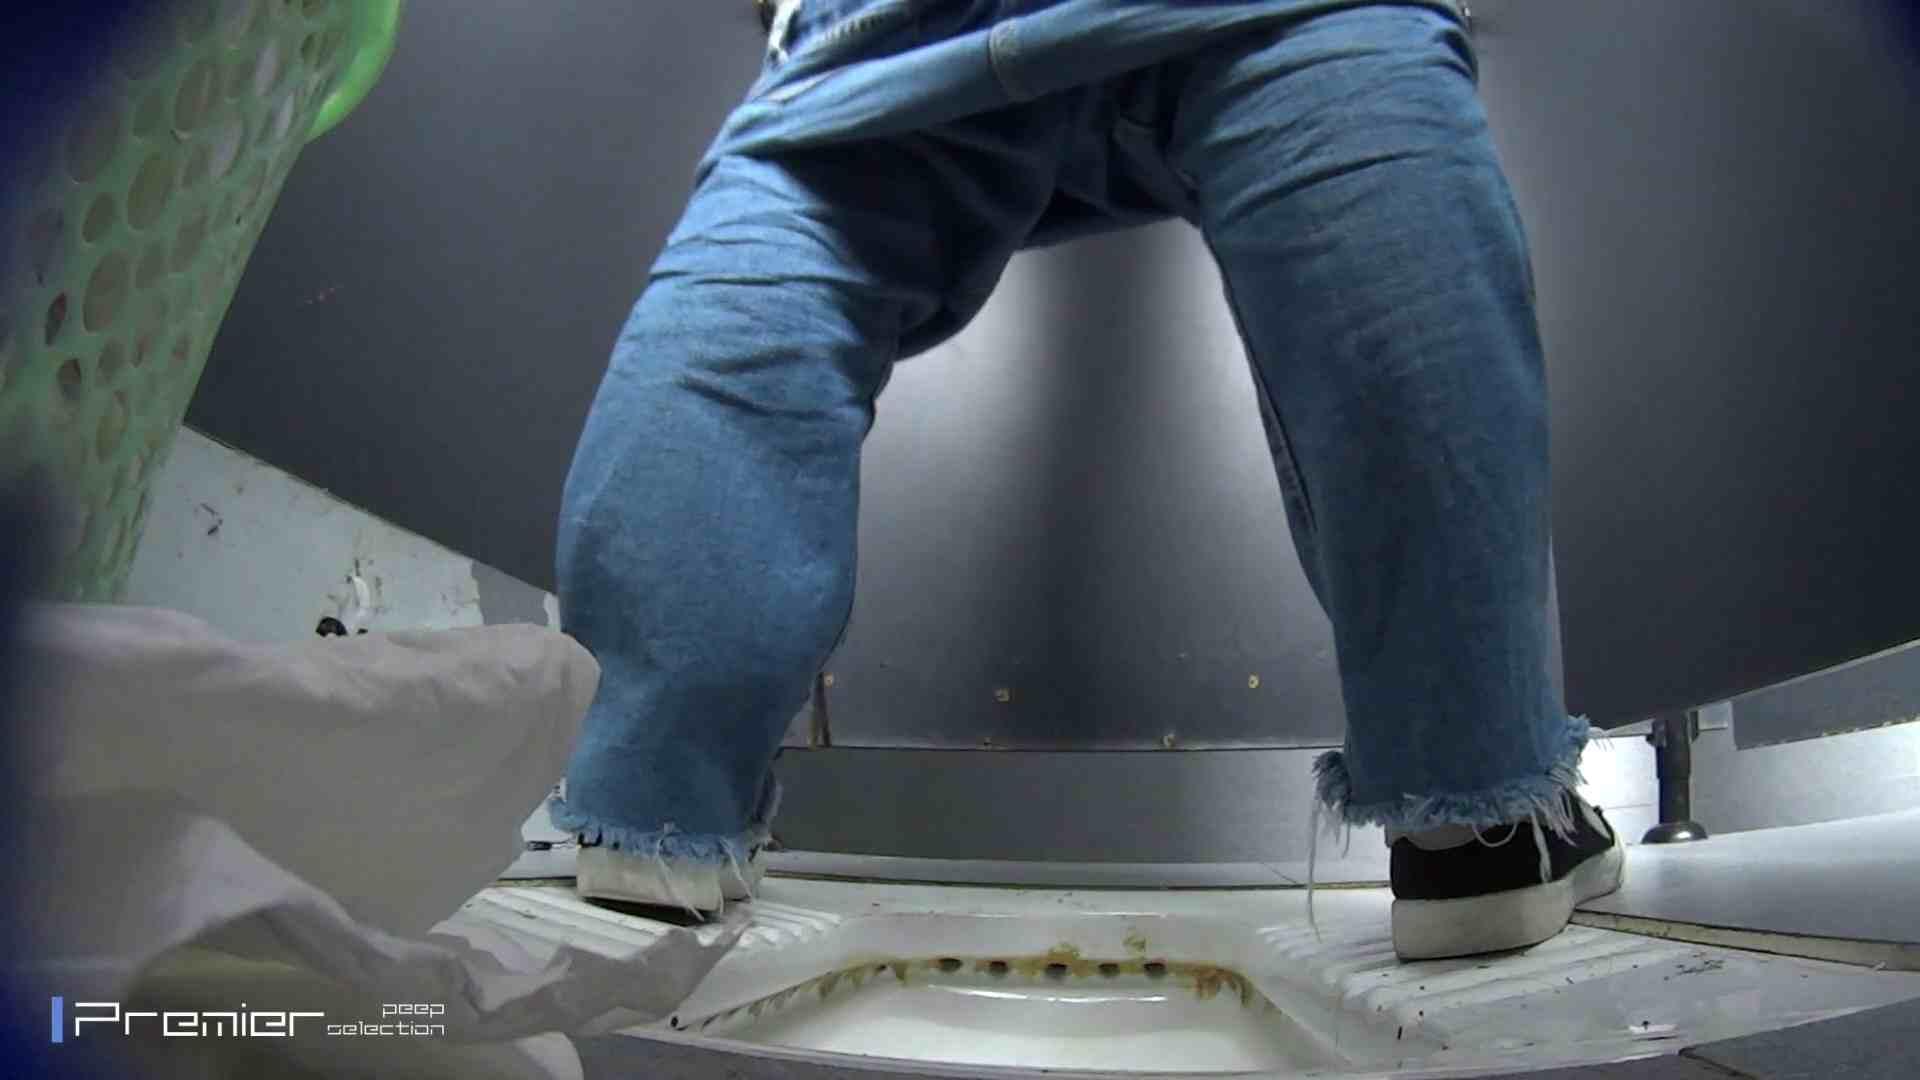 滴り落ちる聖水 大学休憩時間の洗面所事情42 美女ハメ撮り  98Pix 56